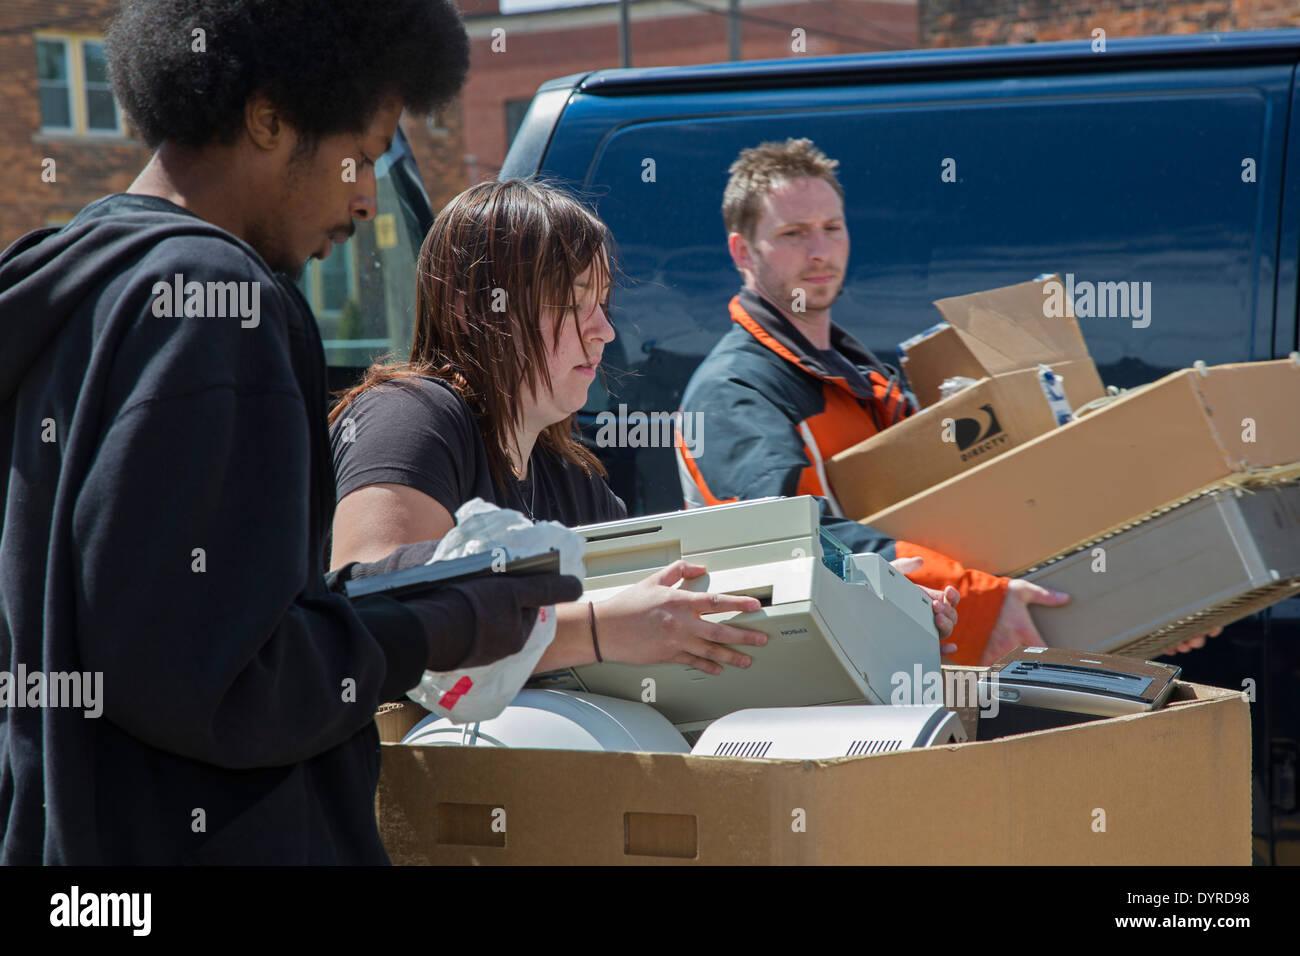 Detroit, Michigan - Vecchio e indesiderati gli elementi elettronici sono raccolti per il riciclaggio presso la Wayne State University. Immagini Stock